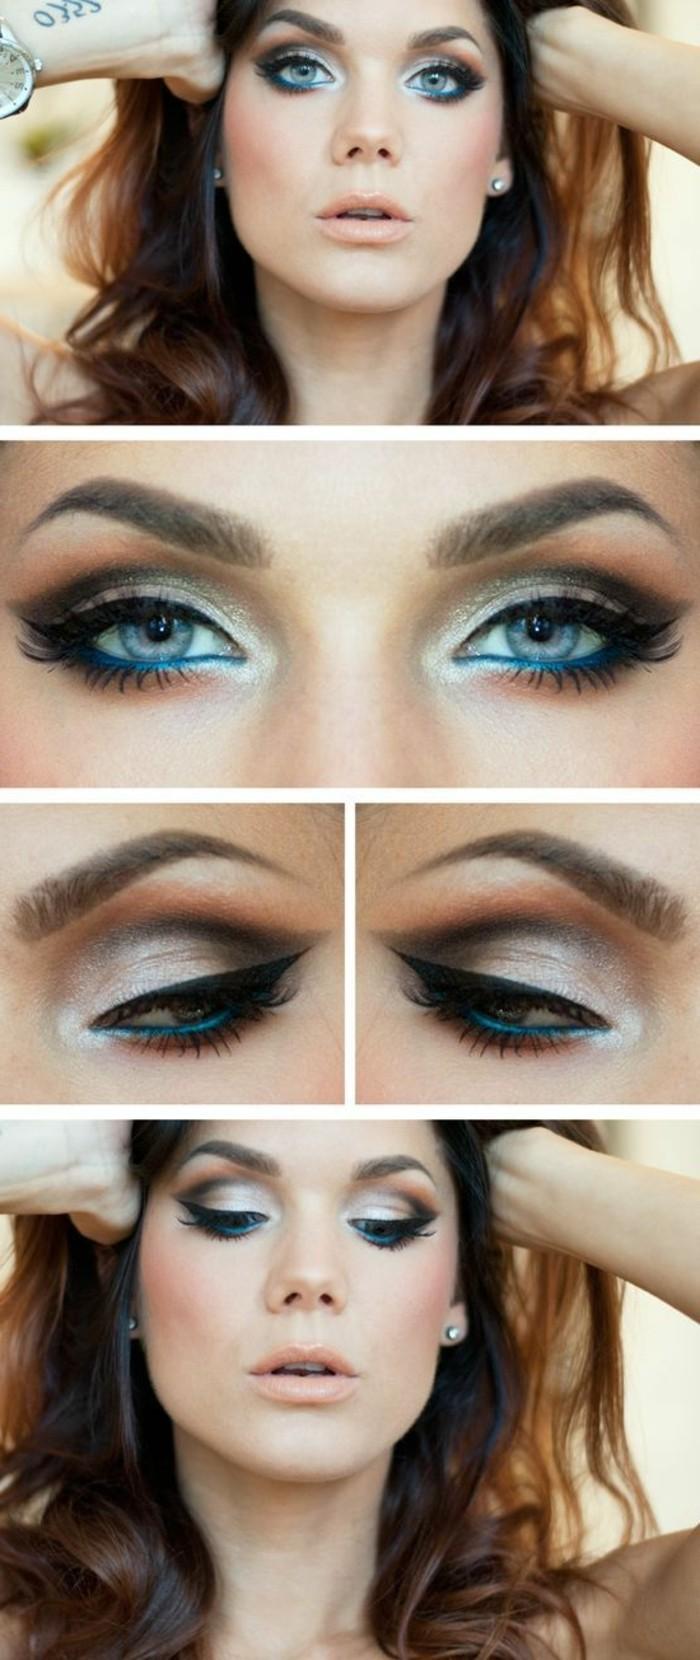 0-maquillage-yeux-bleus-apprende-a-se-maquiller-les-yeux-bleus-tuto-facile